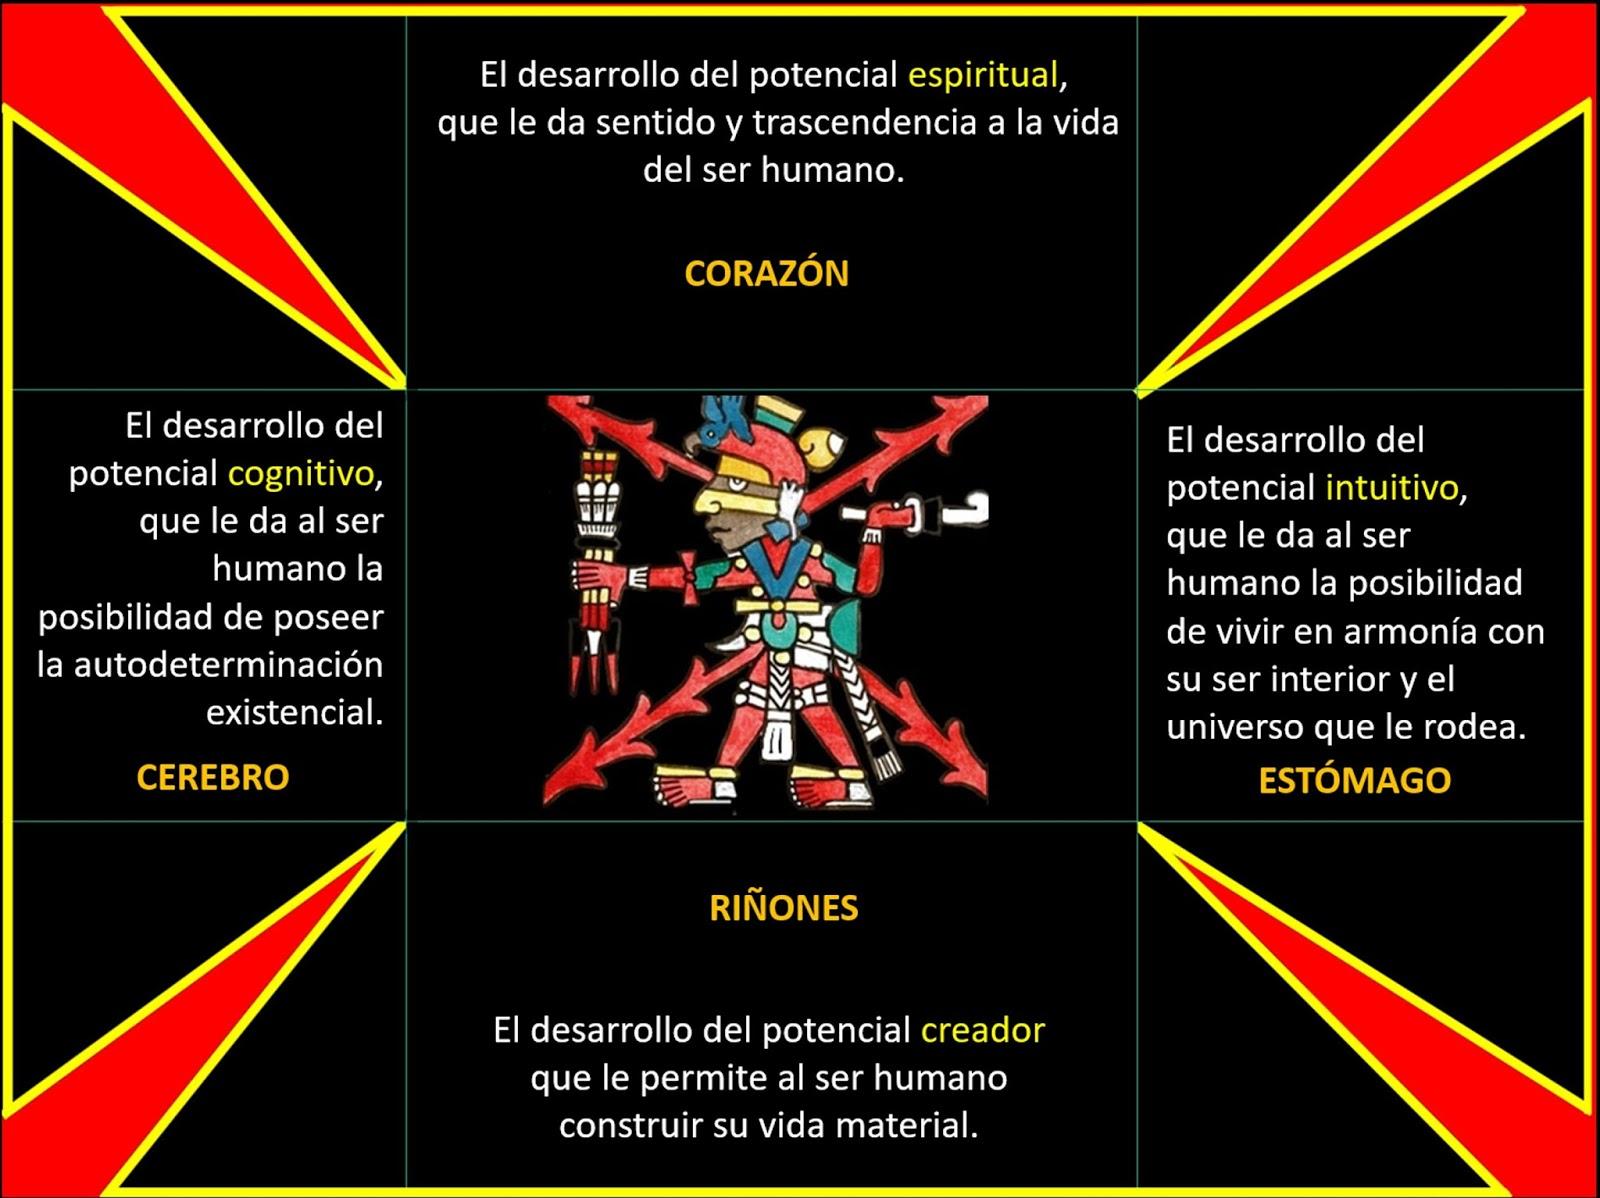 La pirámide del desarrollo. Video